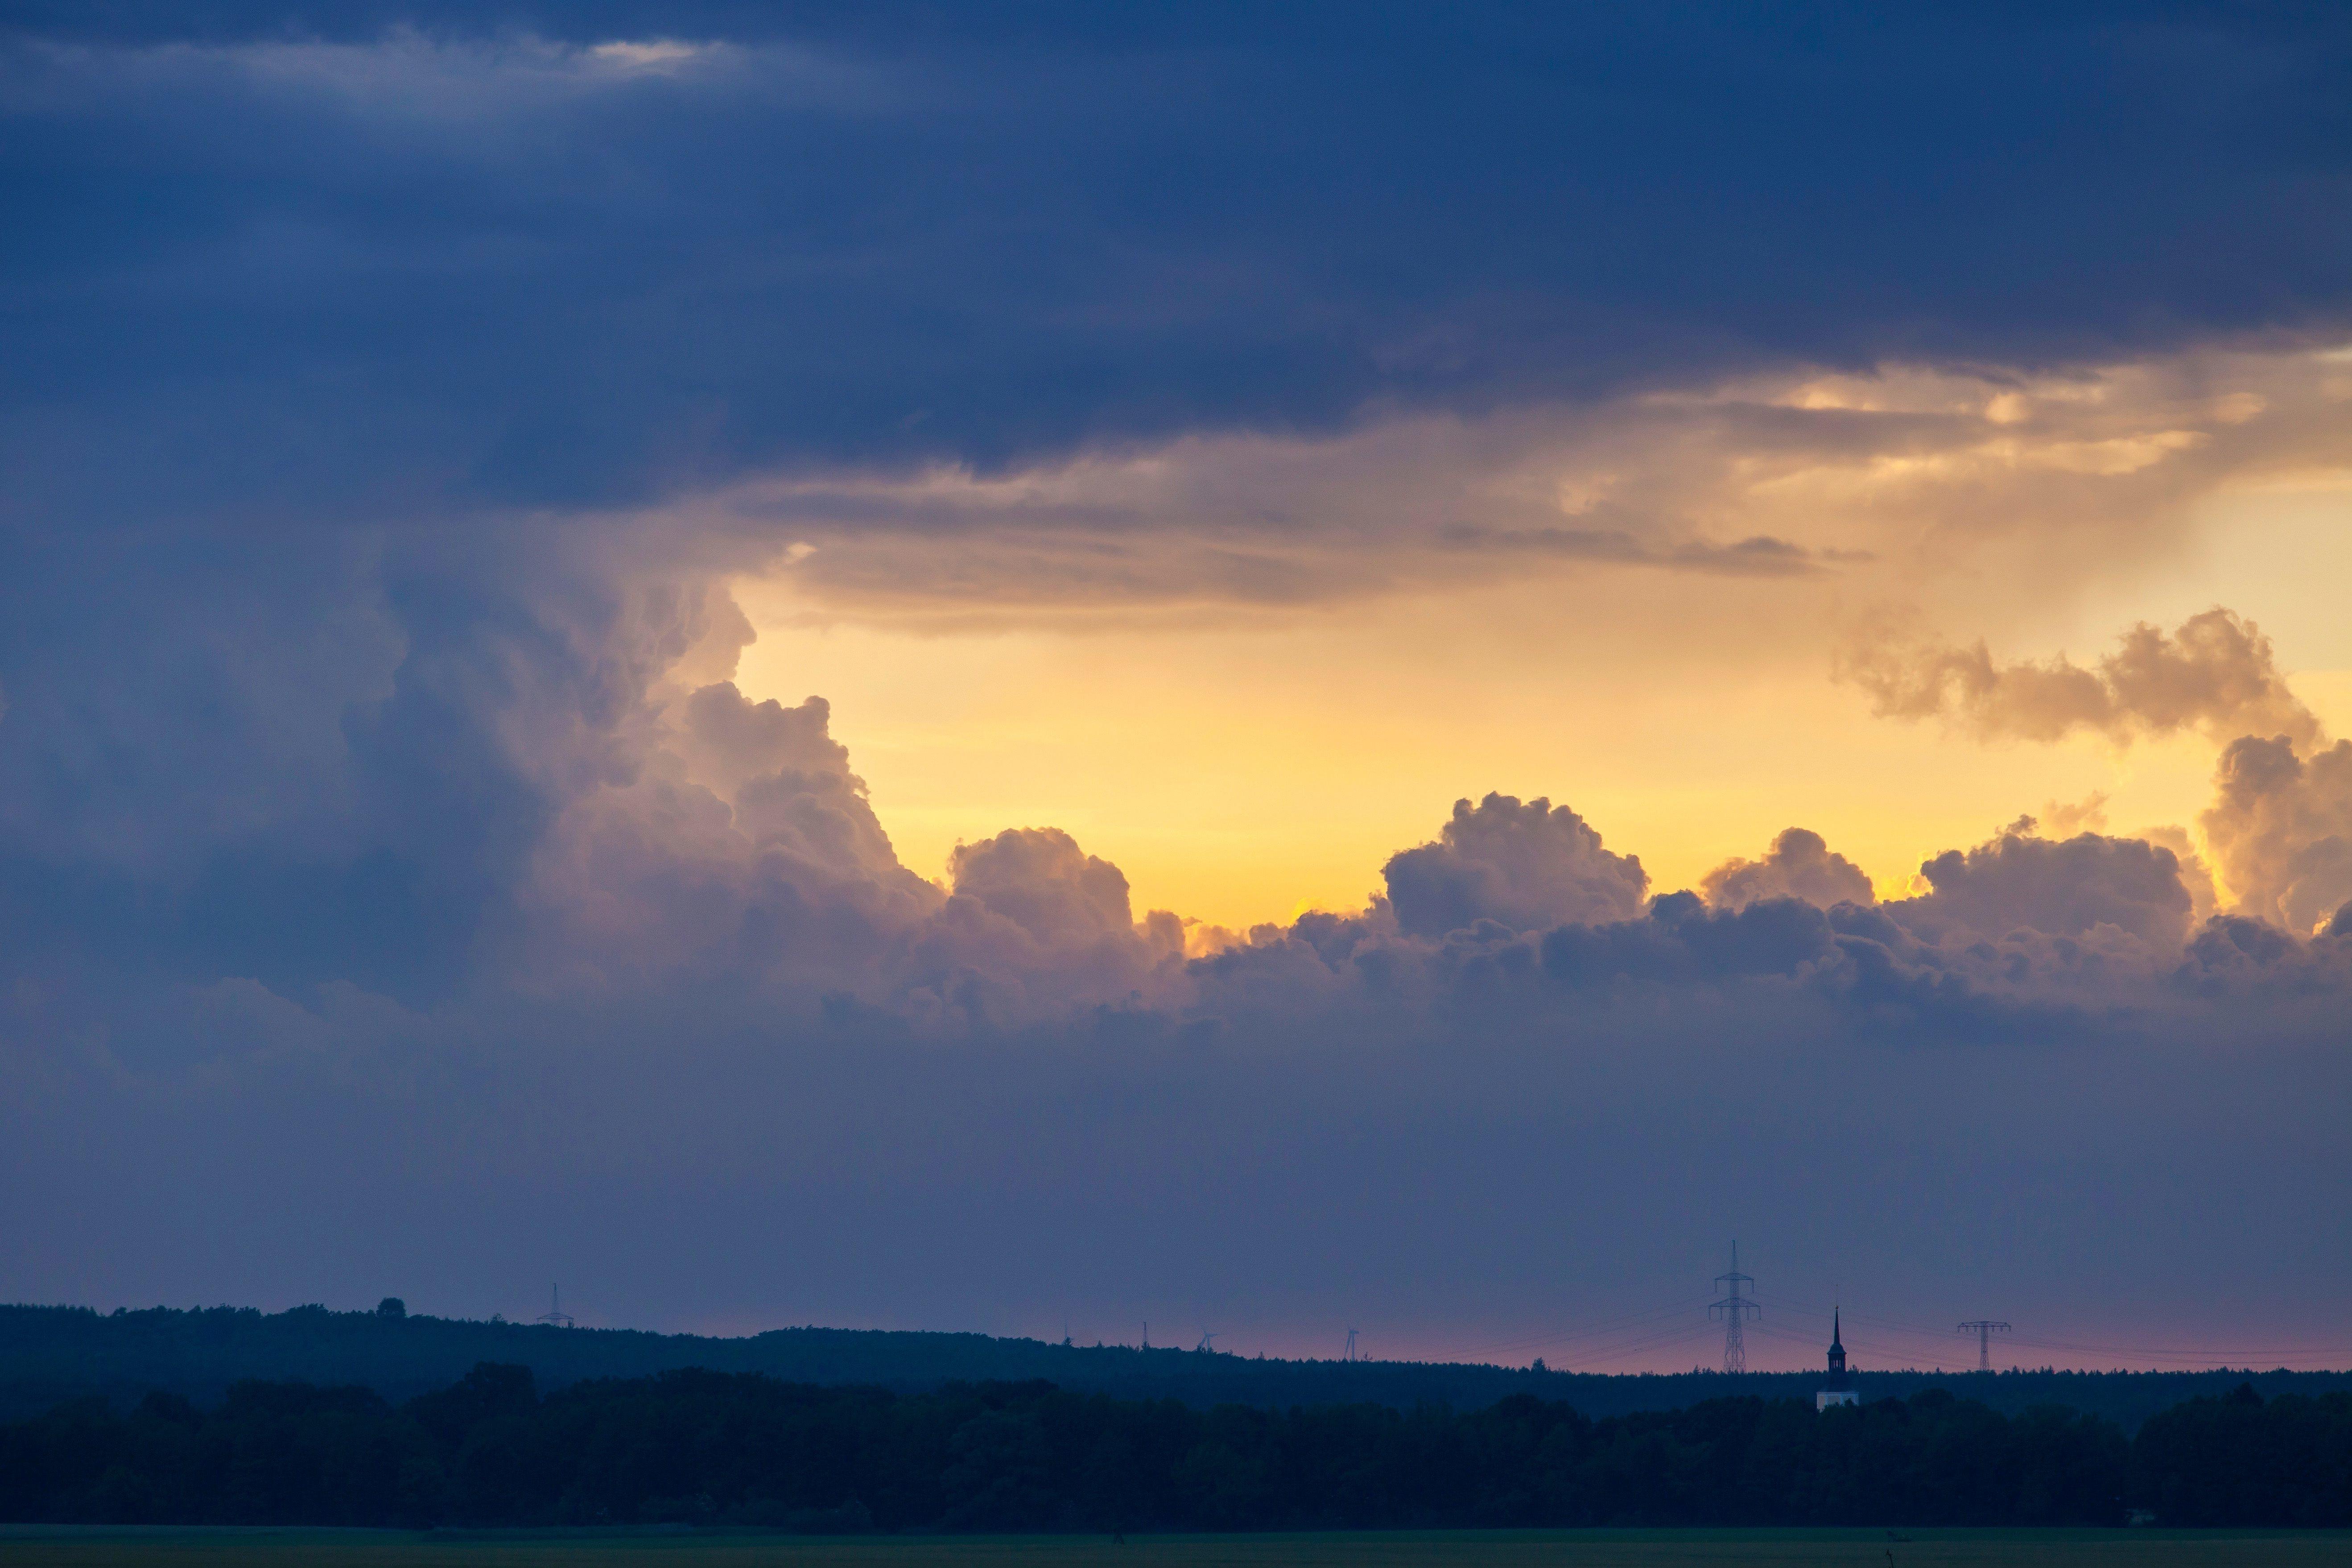 Megpróbál kimászni a nap a felhők mögül